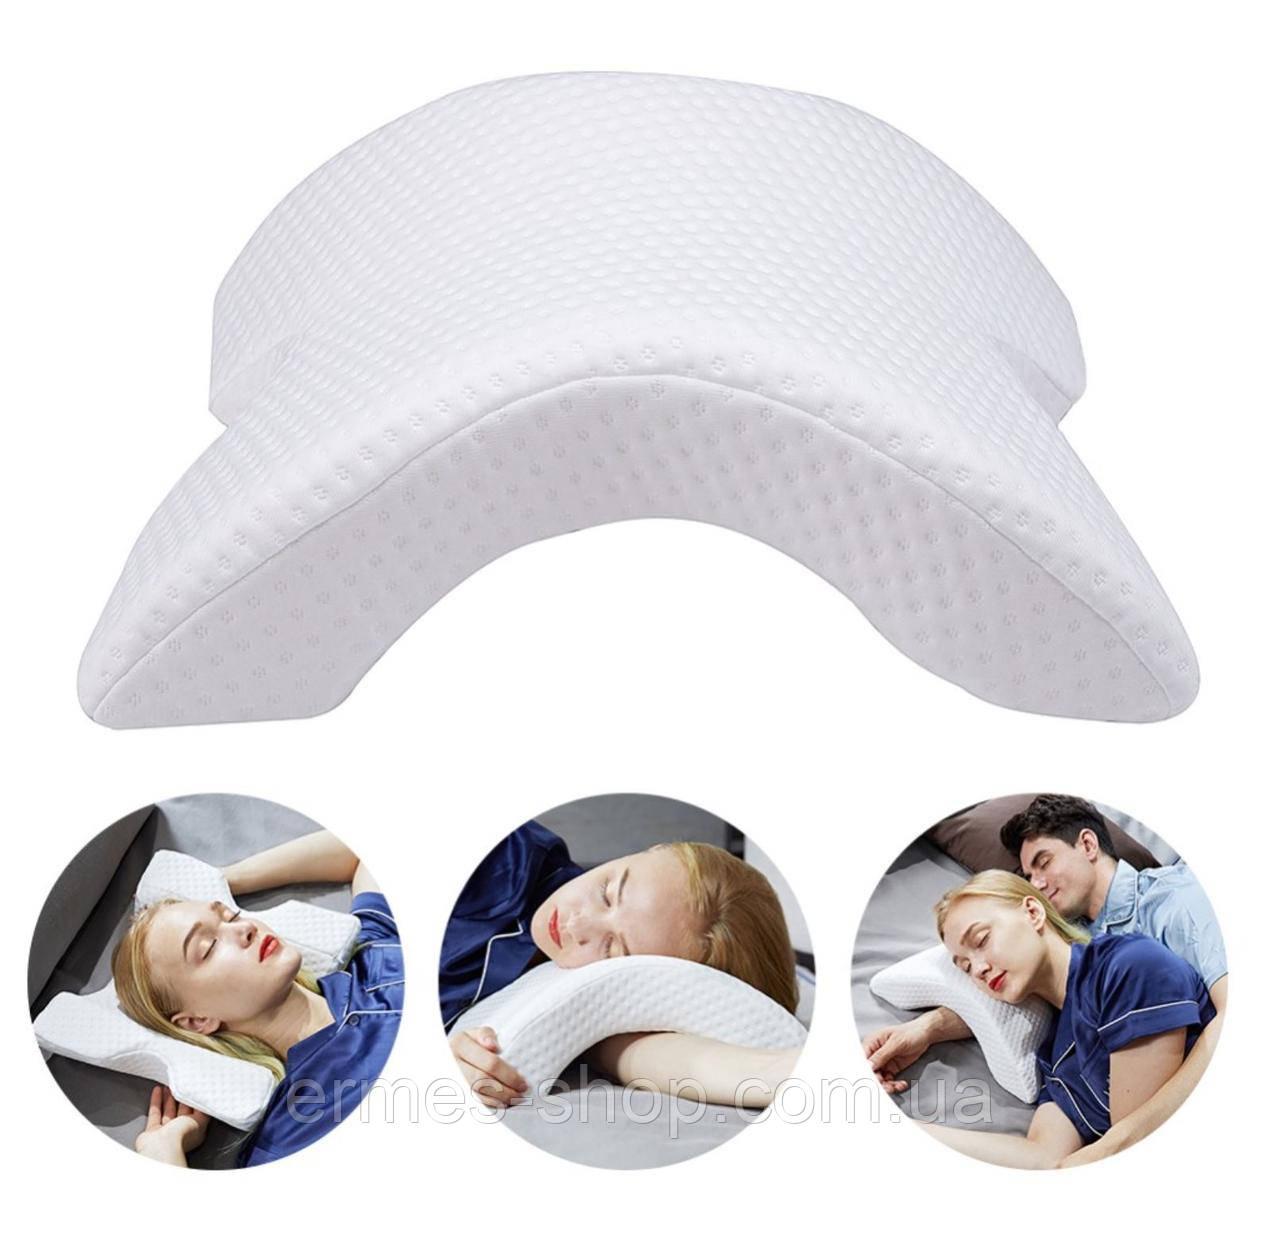 Подушка ортопедическая Memory Foam Pillow